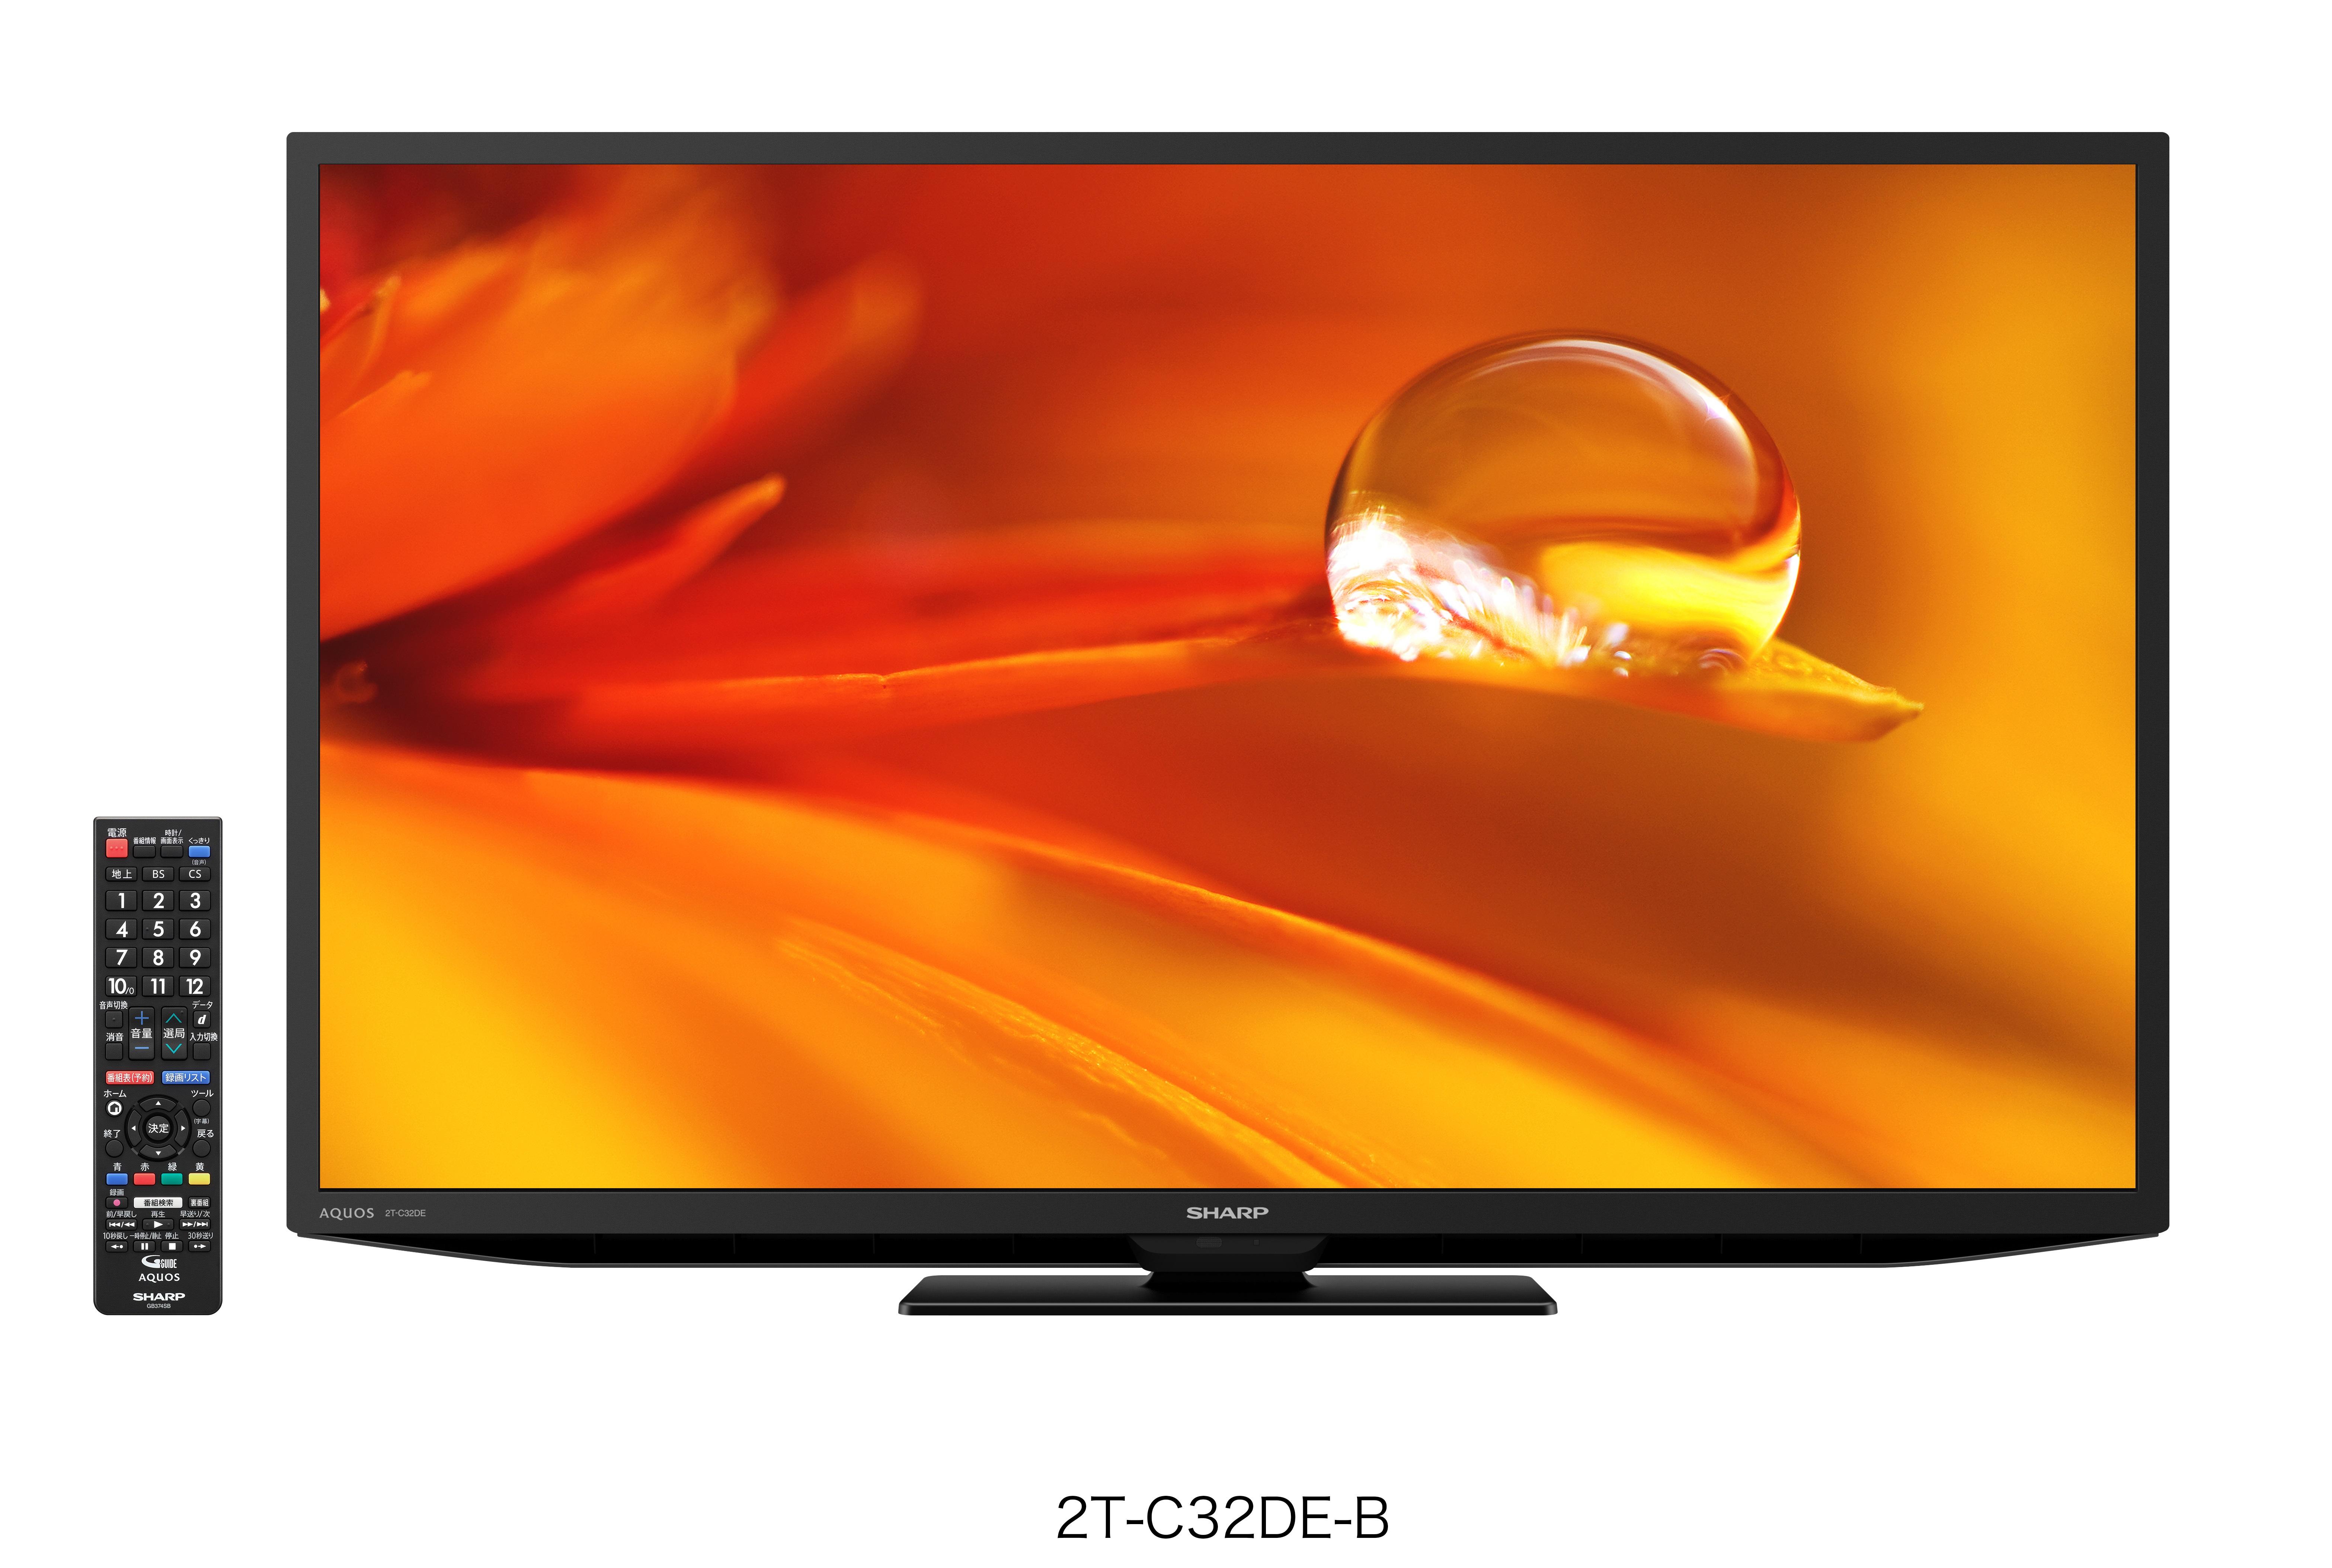 【シャープ】32型液晶テレビ 外装 縦13.8cm横80.7cm高さ50.7cm   ブラック